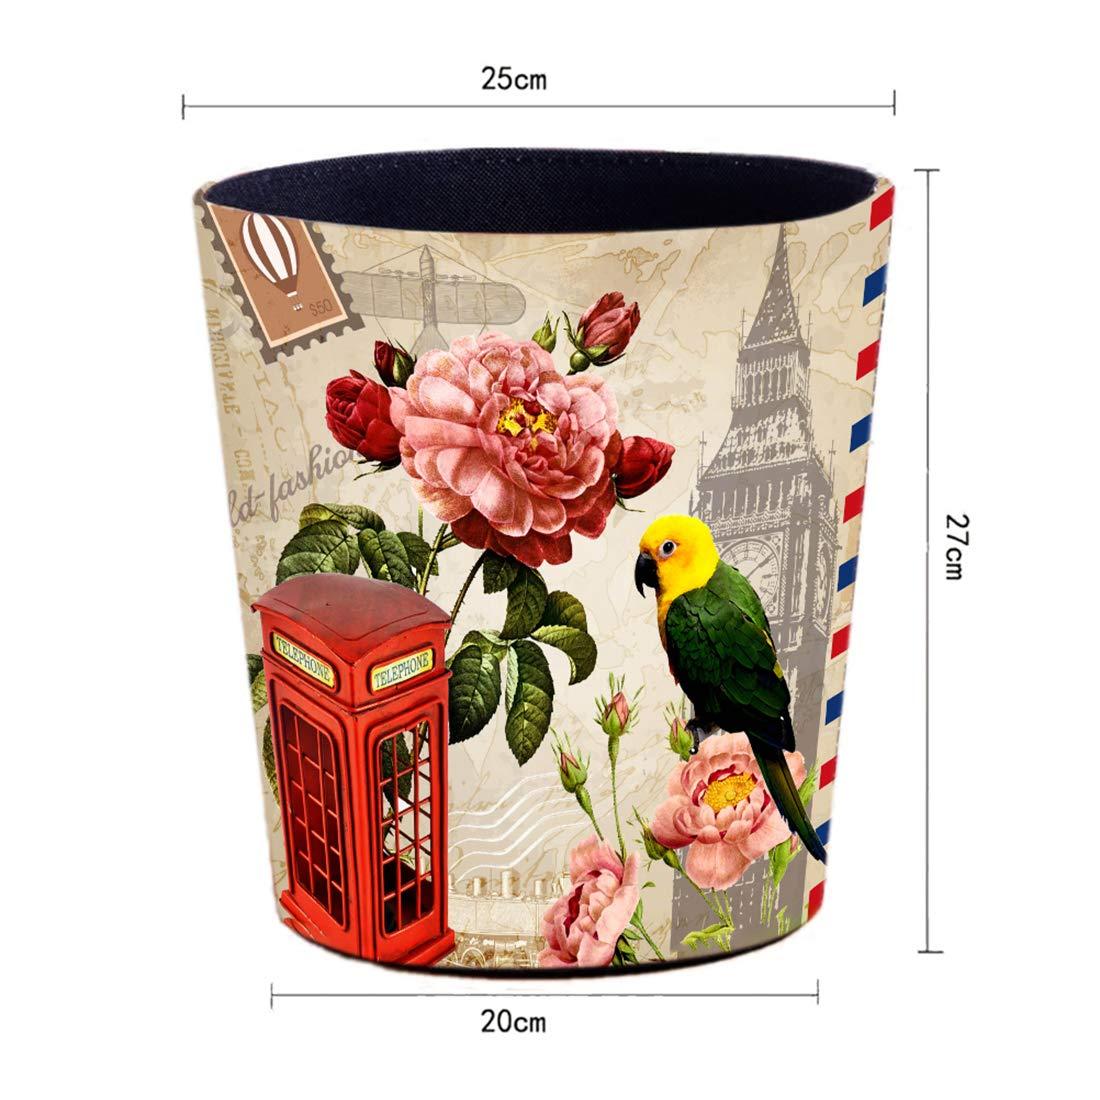 Salon conteneur de d/échets /étanche 25 x 20 x 27cm Poubelle Corbeille /à Papier pour la Maison Toucan YOU339 10L Poubelle en Cuir Bureau